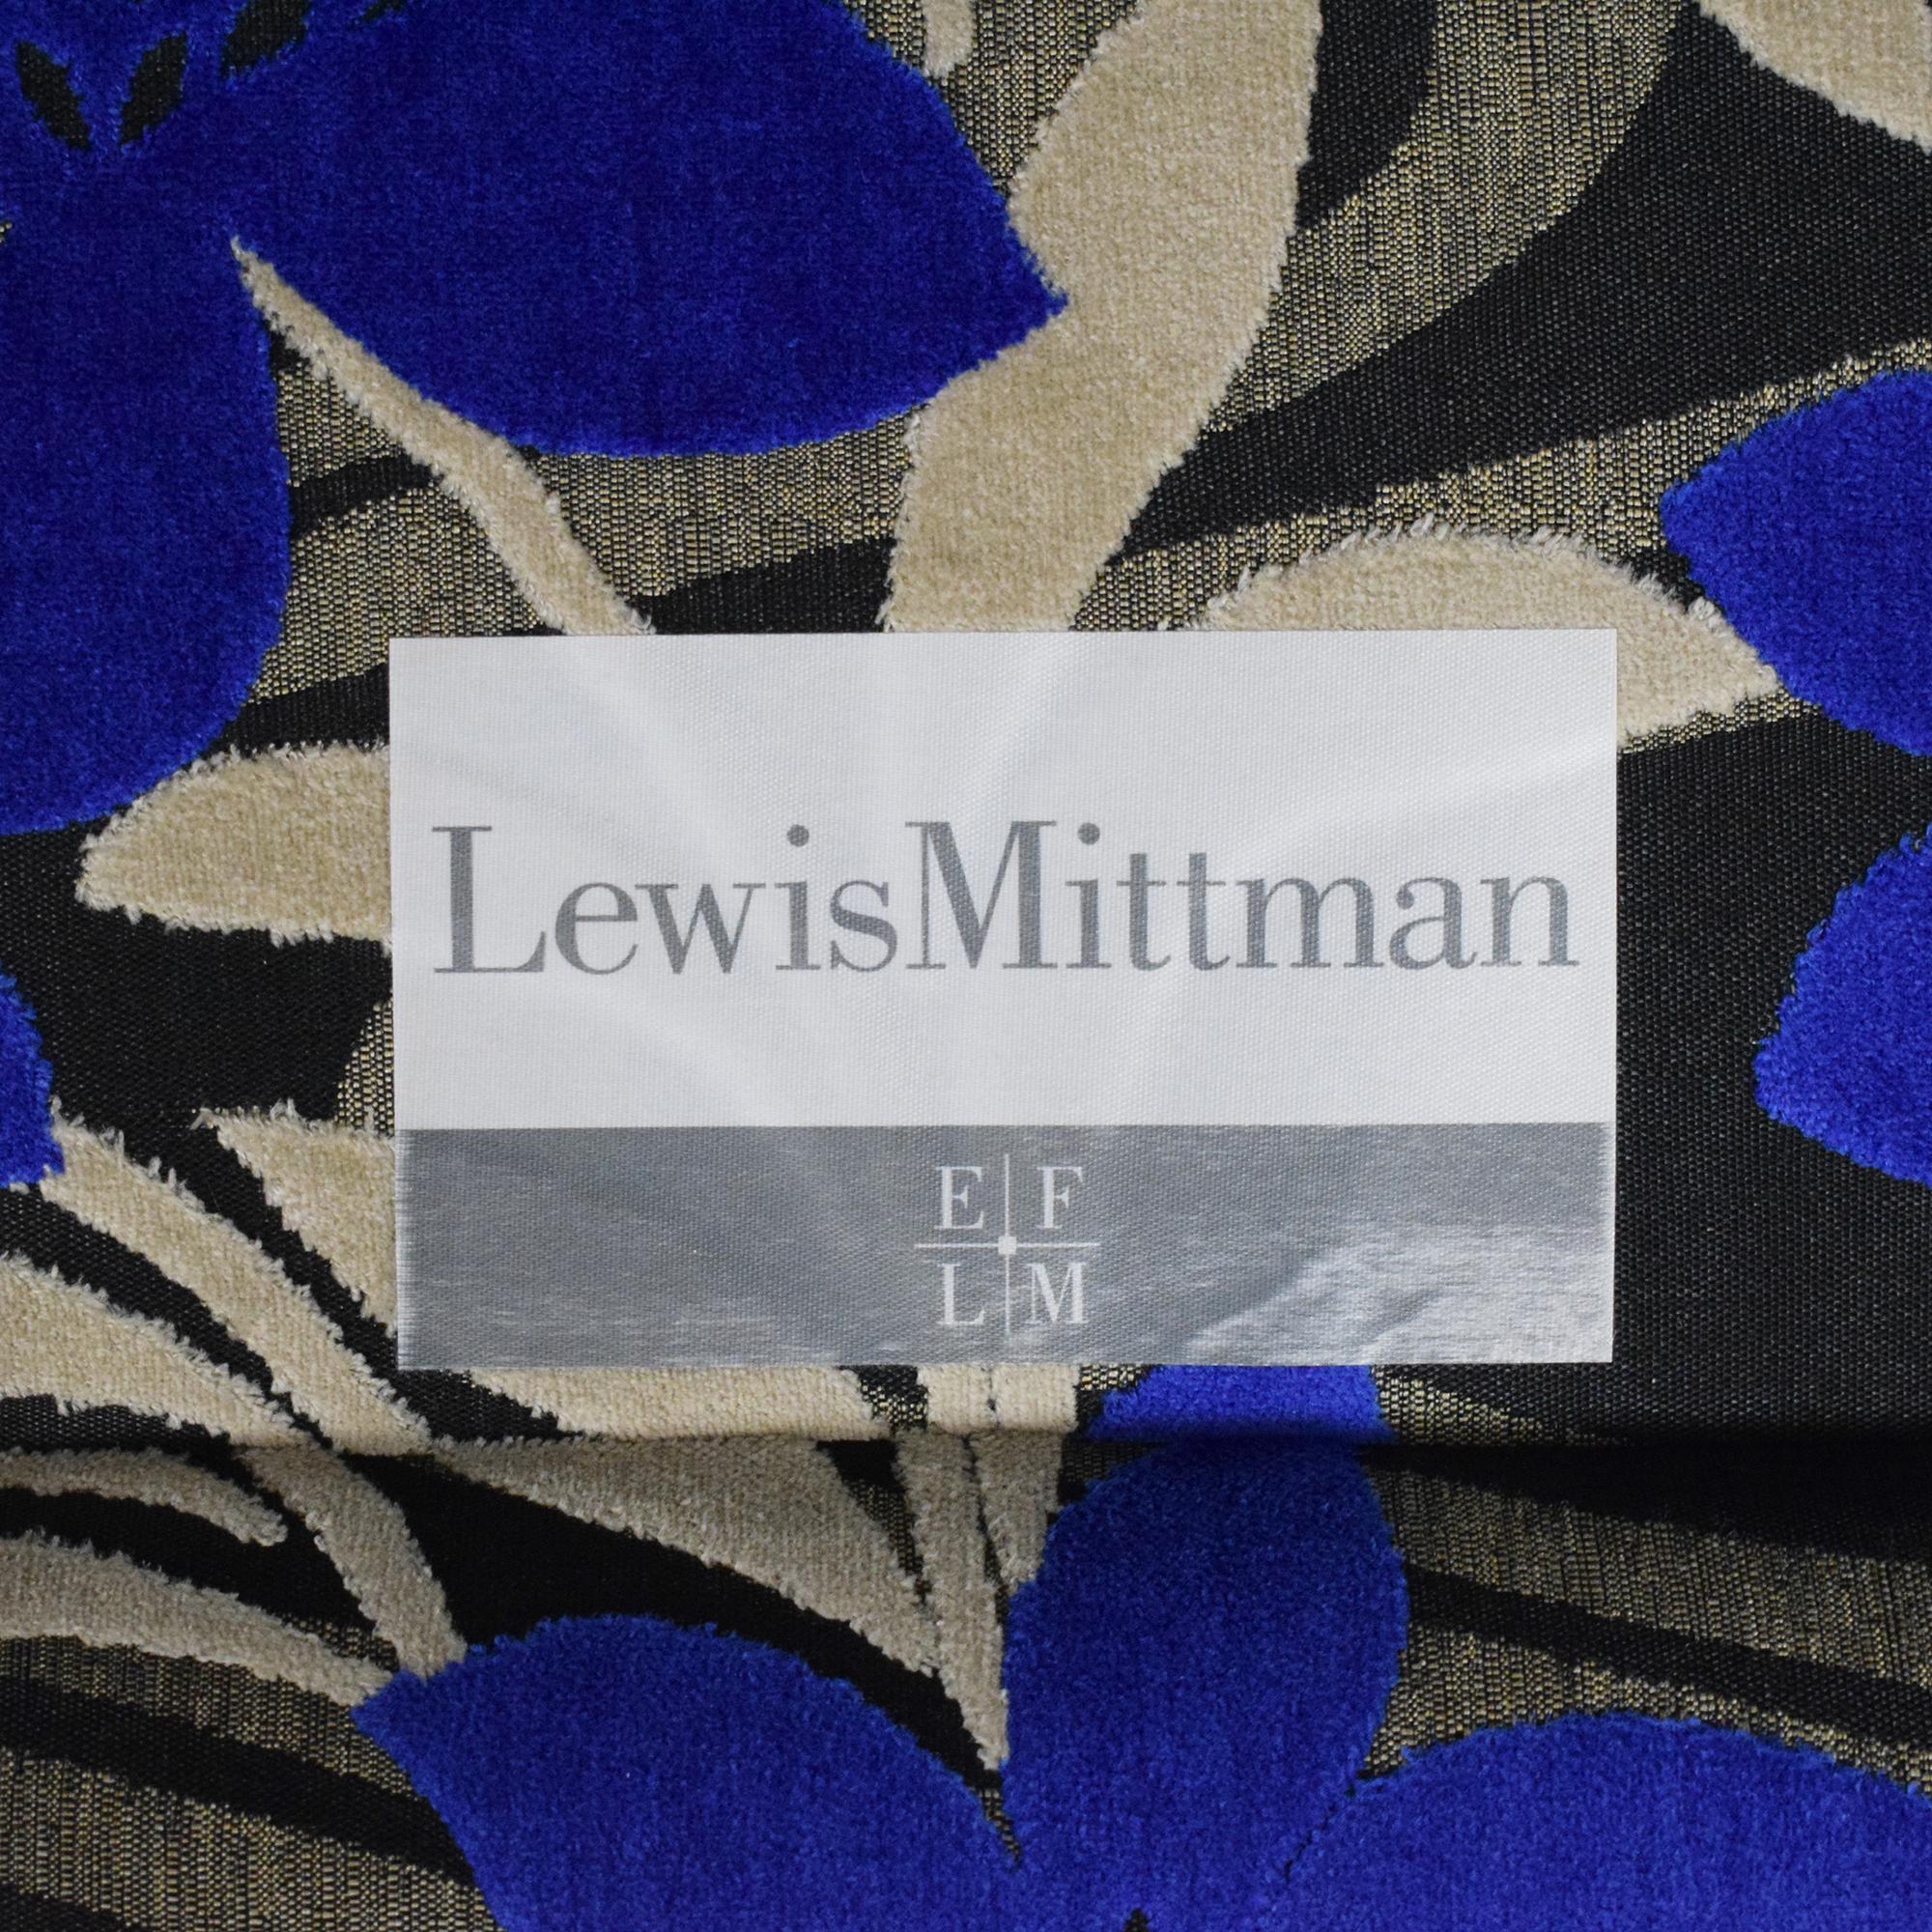 Lewis Mittman Custom Roger Thomas Bond Street Sofa sale